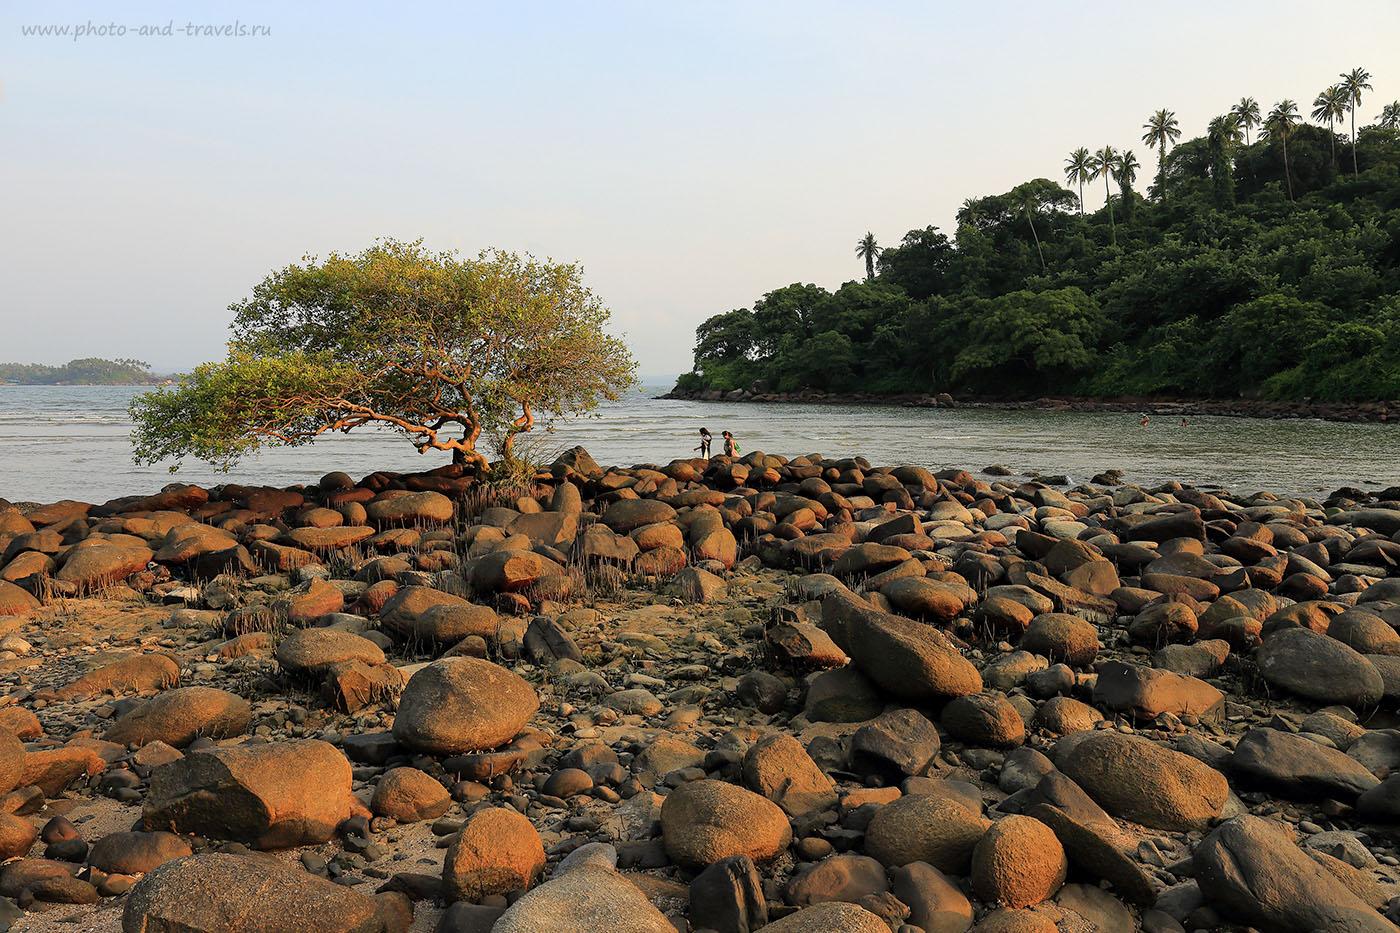 Фото 5. Вид на остров Green Island в Южном Гоа. Отдых в Индии дикарем. Отчеты туристов (24-70, 1/100, -1eV, f9, 24mm, ISO 100)